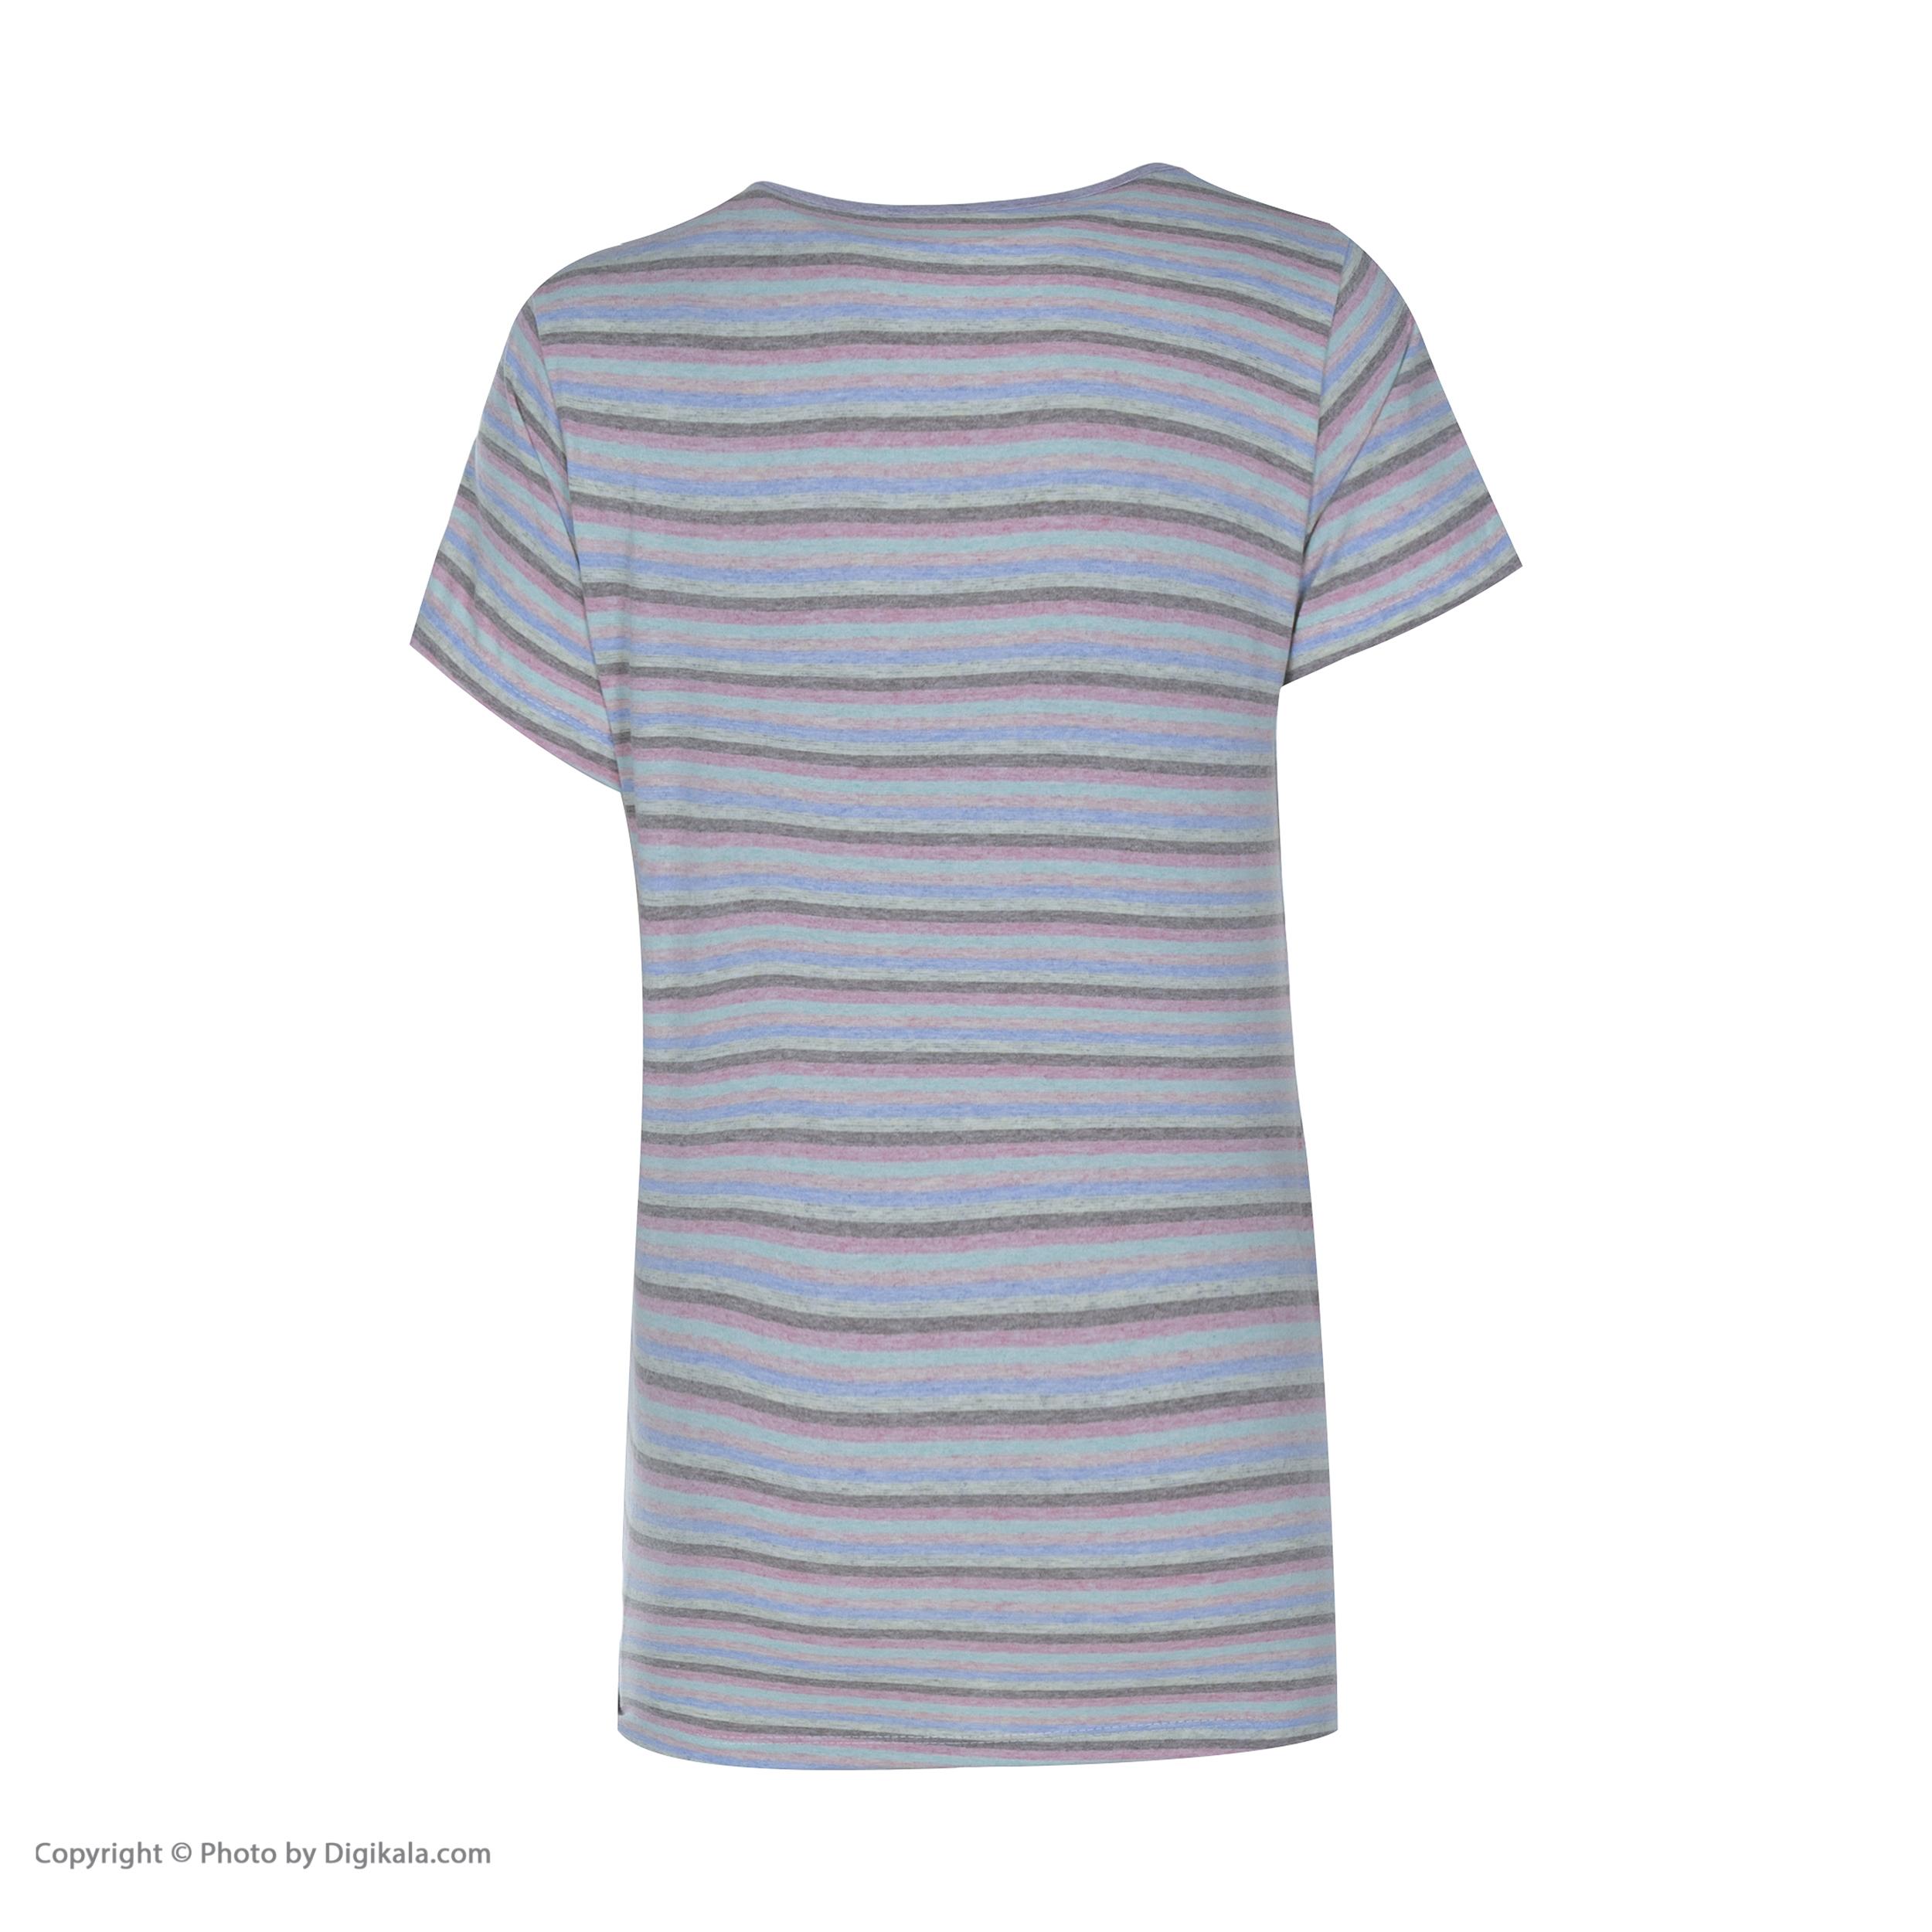 ست تی شرت و شلوار زنانه مدل M2 main 1 2